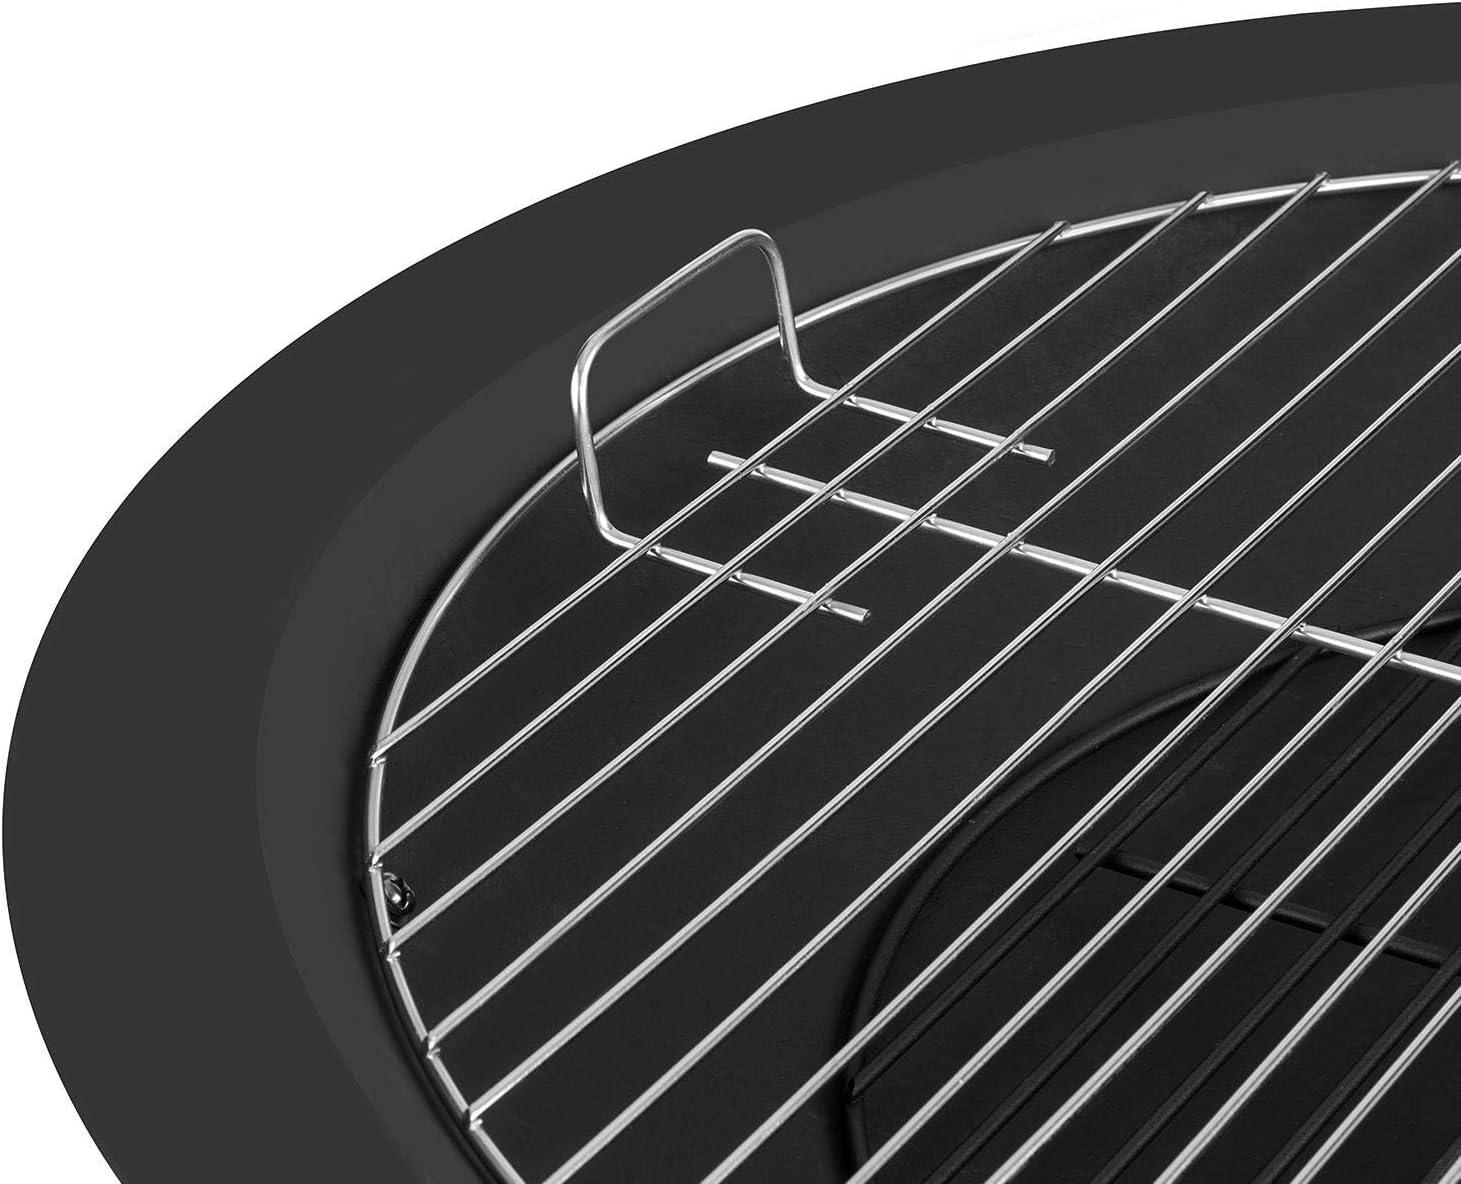 Feuerkorb ca Sch/ürhaken Gitternetz f/ür Funkenschutz Gartengrill Terassenofen br/ünierter Stahl antikes Design 75 x 60 cm 12,8 kg blumfeldt Mithras Graphitschwarz Feuerschale /ØxH